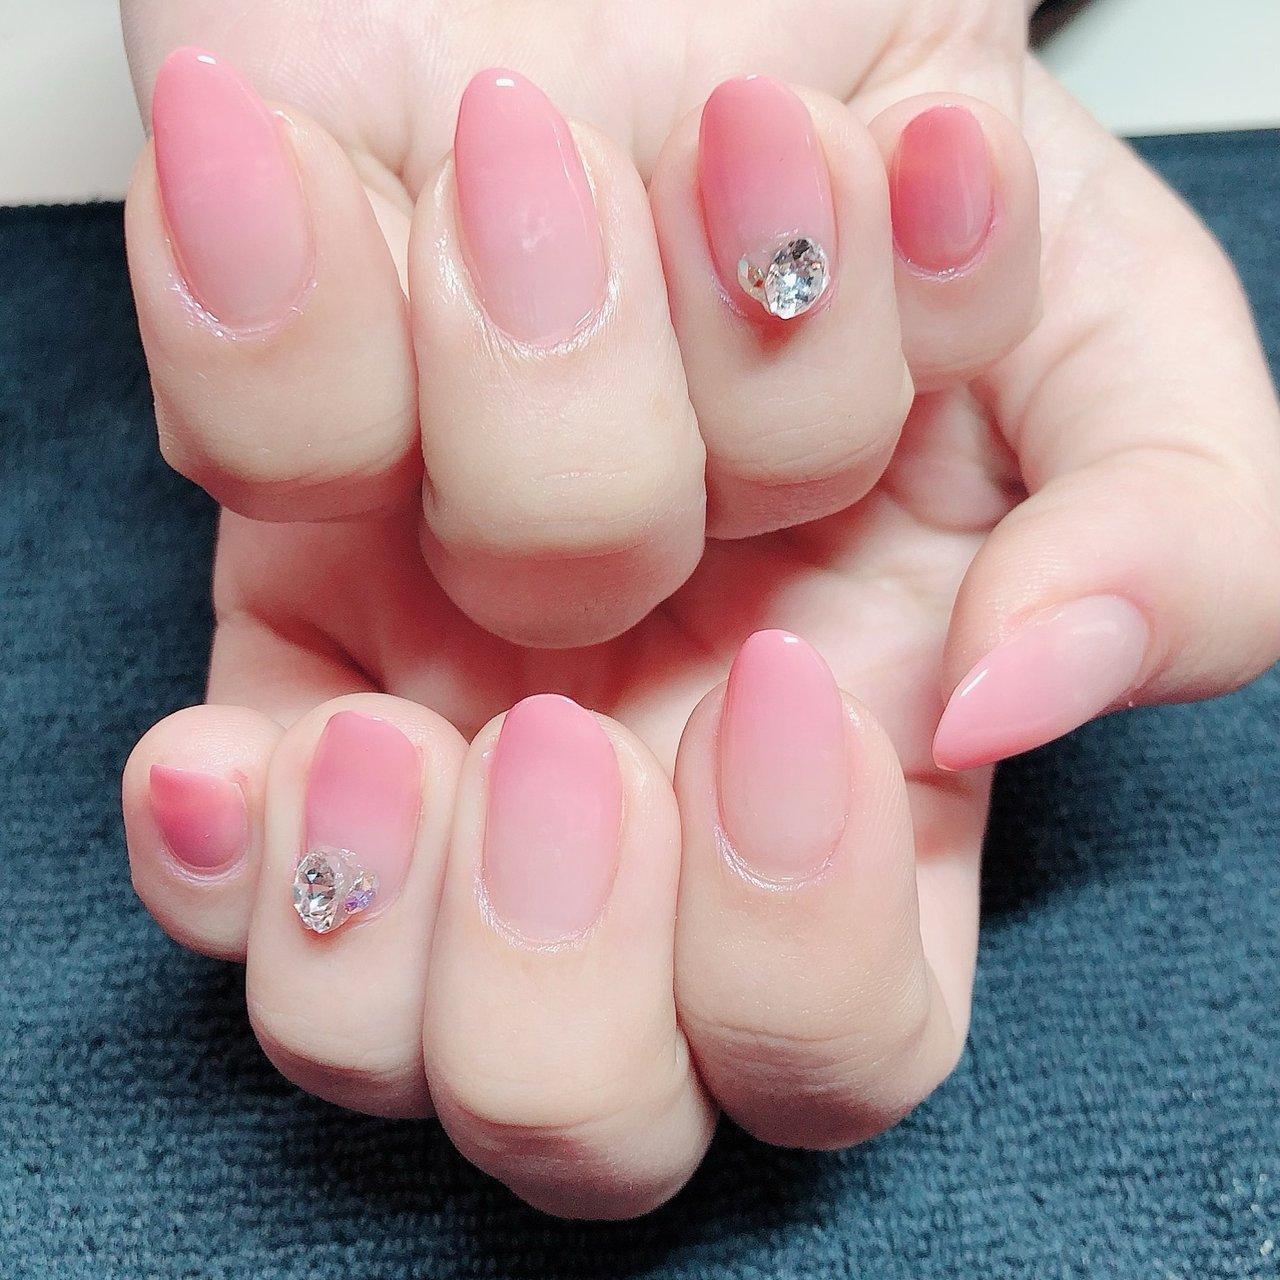 #エアブラシ を使った #グラデーション 春らしいお爪になりました♡ #長さだし もして長さを揃えています^_^ #nail__etoile #ネイルブック